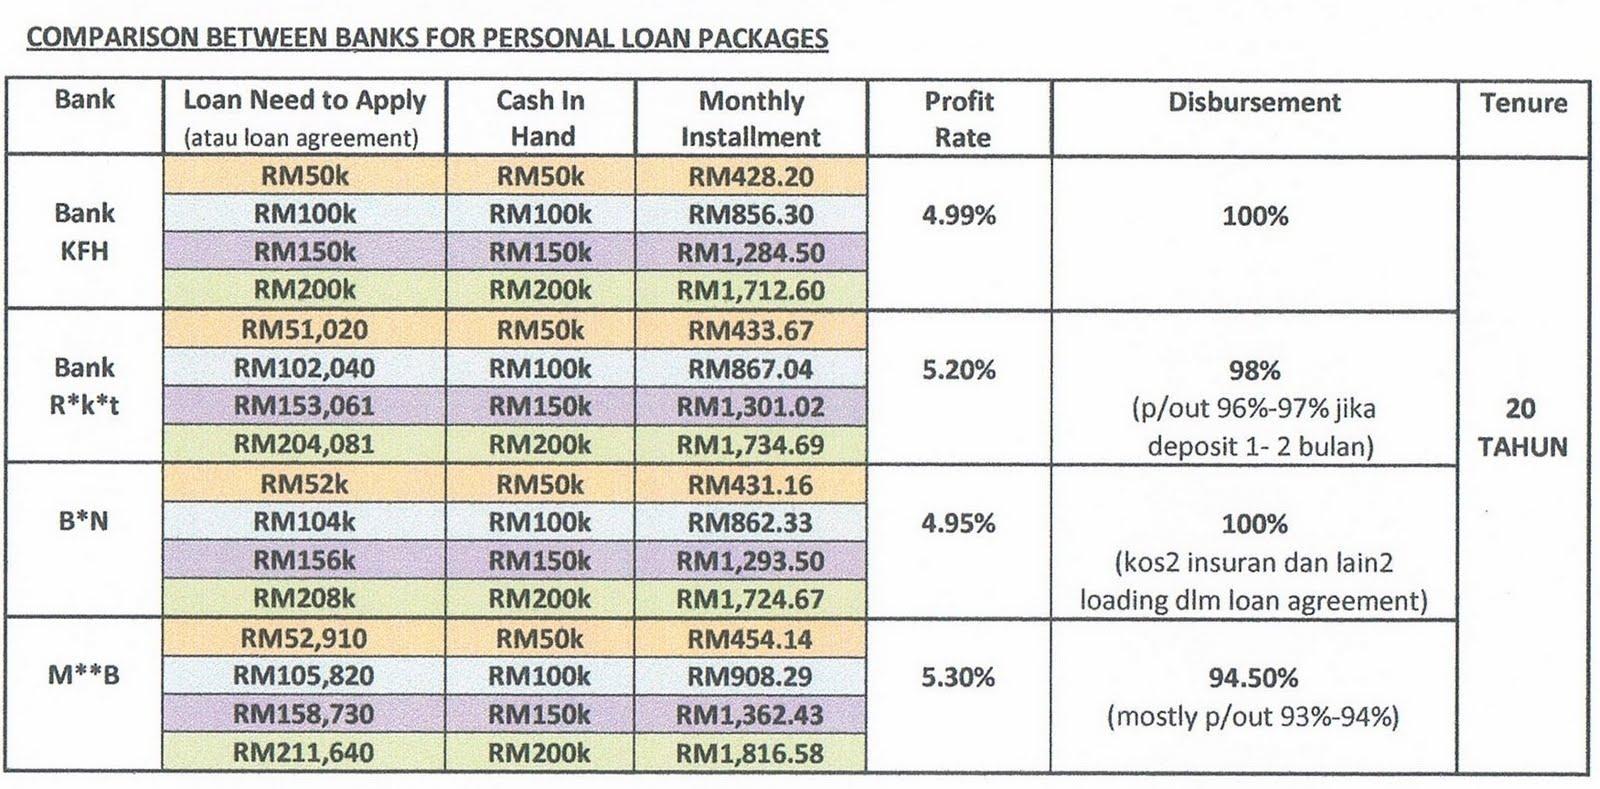 SWASTA PANEL BANK RAKYAT GAJI BASIC 1.5K 6BULAN KERJA LAYAK APPLY